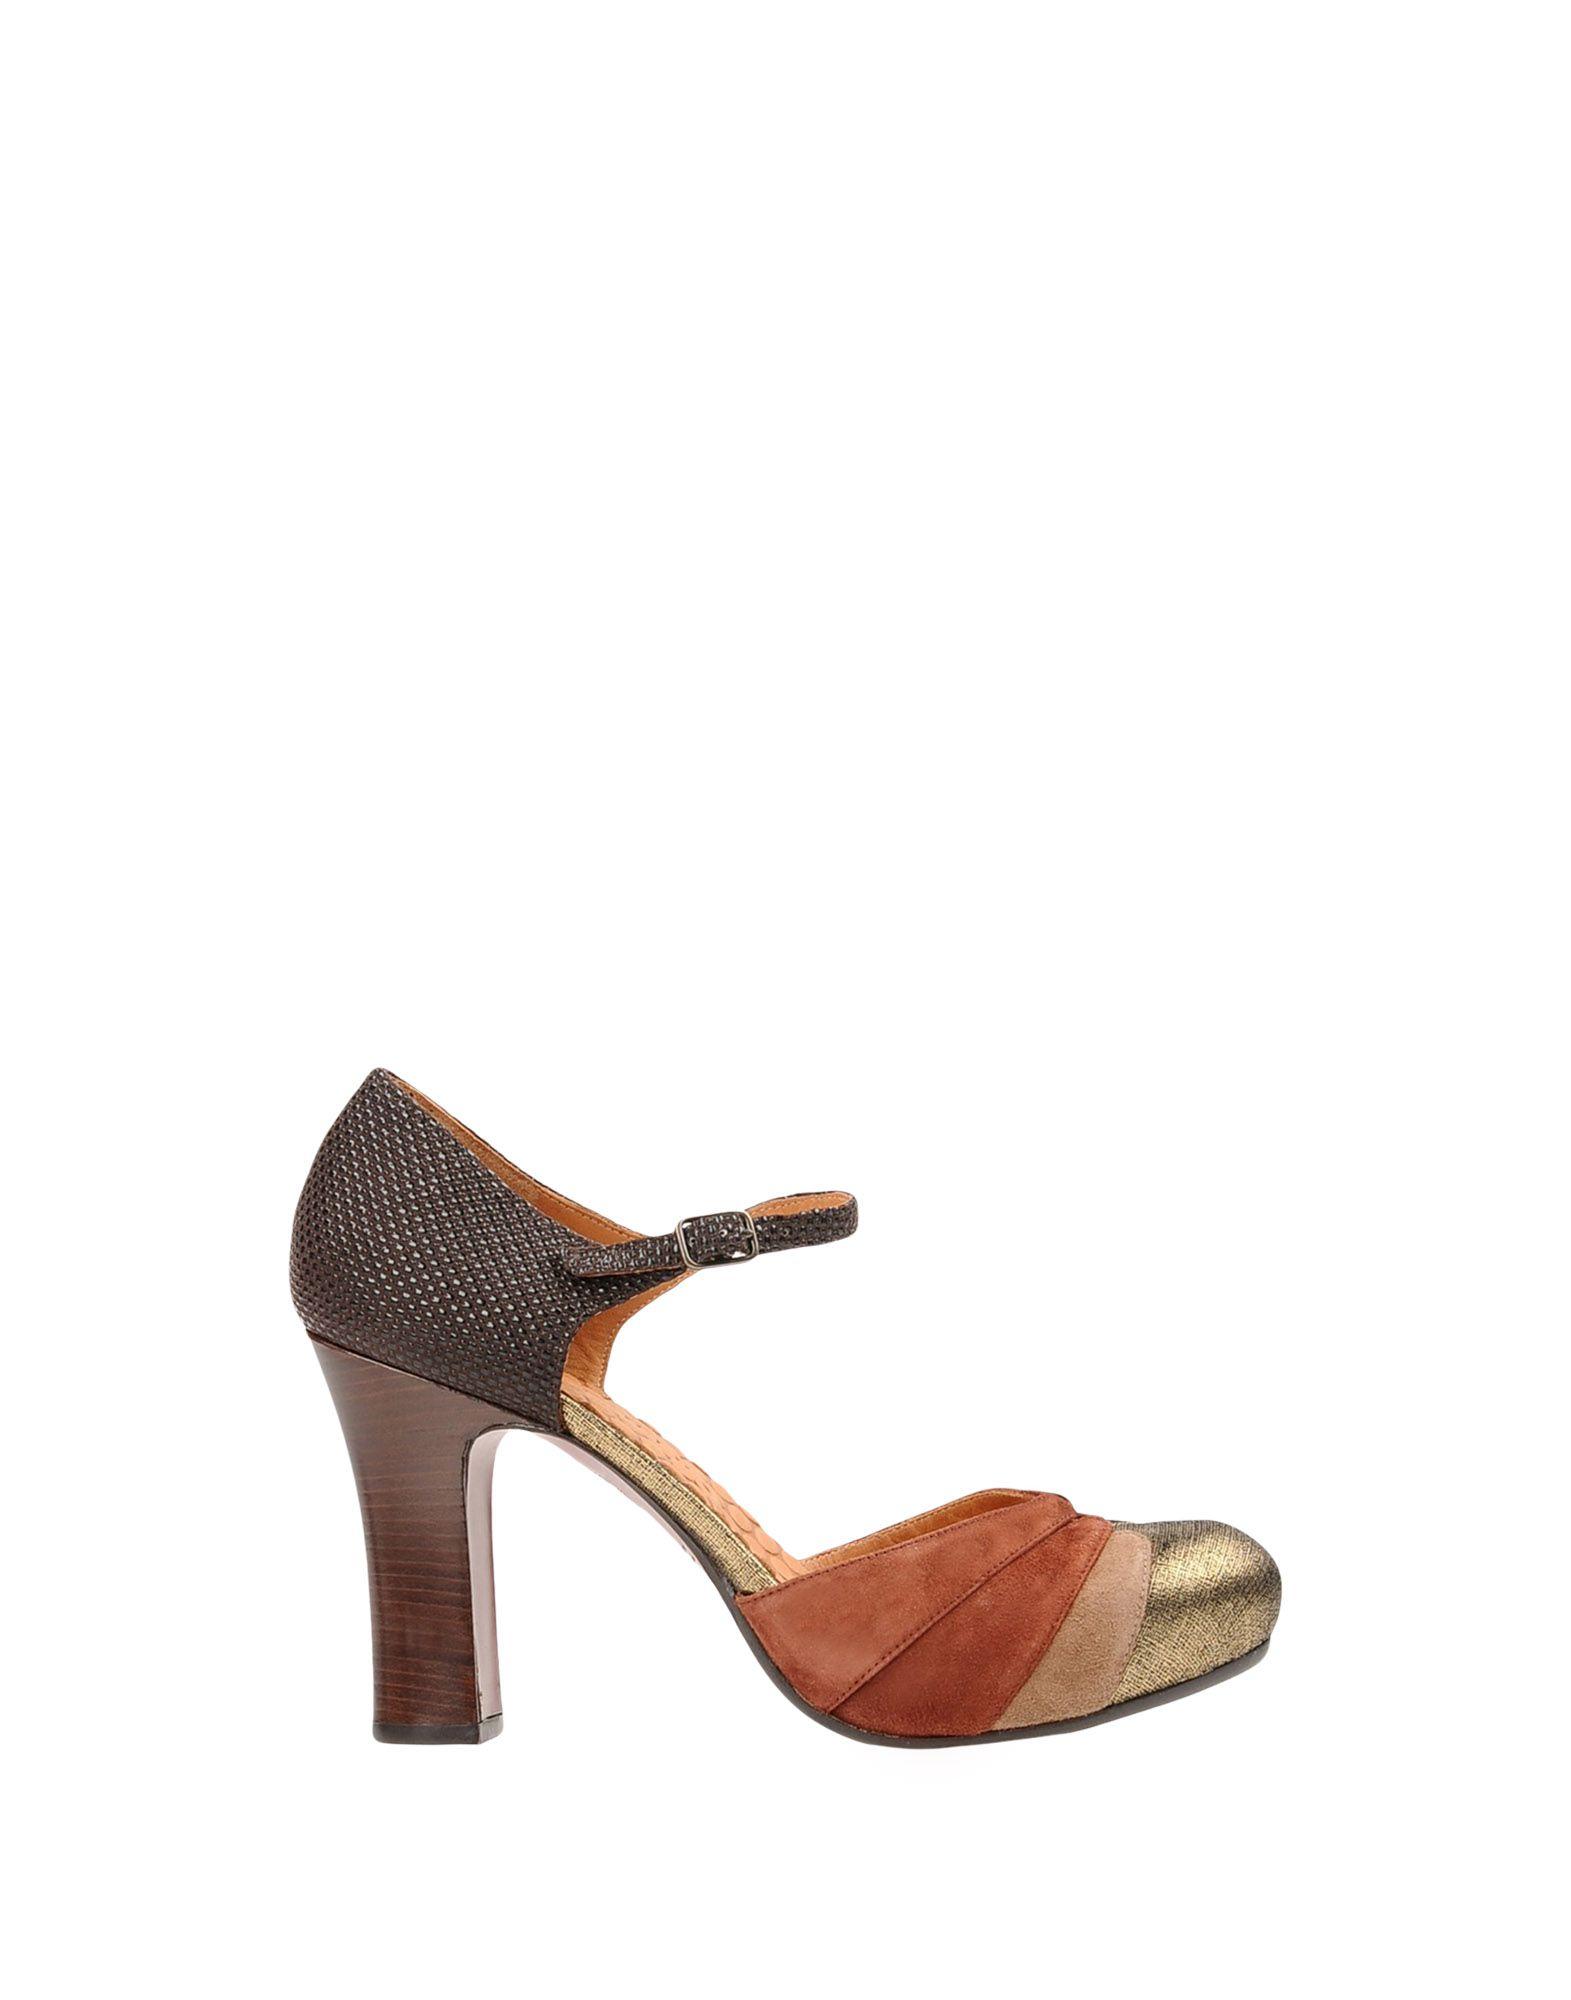 Rabatt Schuhe  Chie Mihara Pumps Damen  Schuhe 11350235QQ 7aaf66